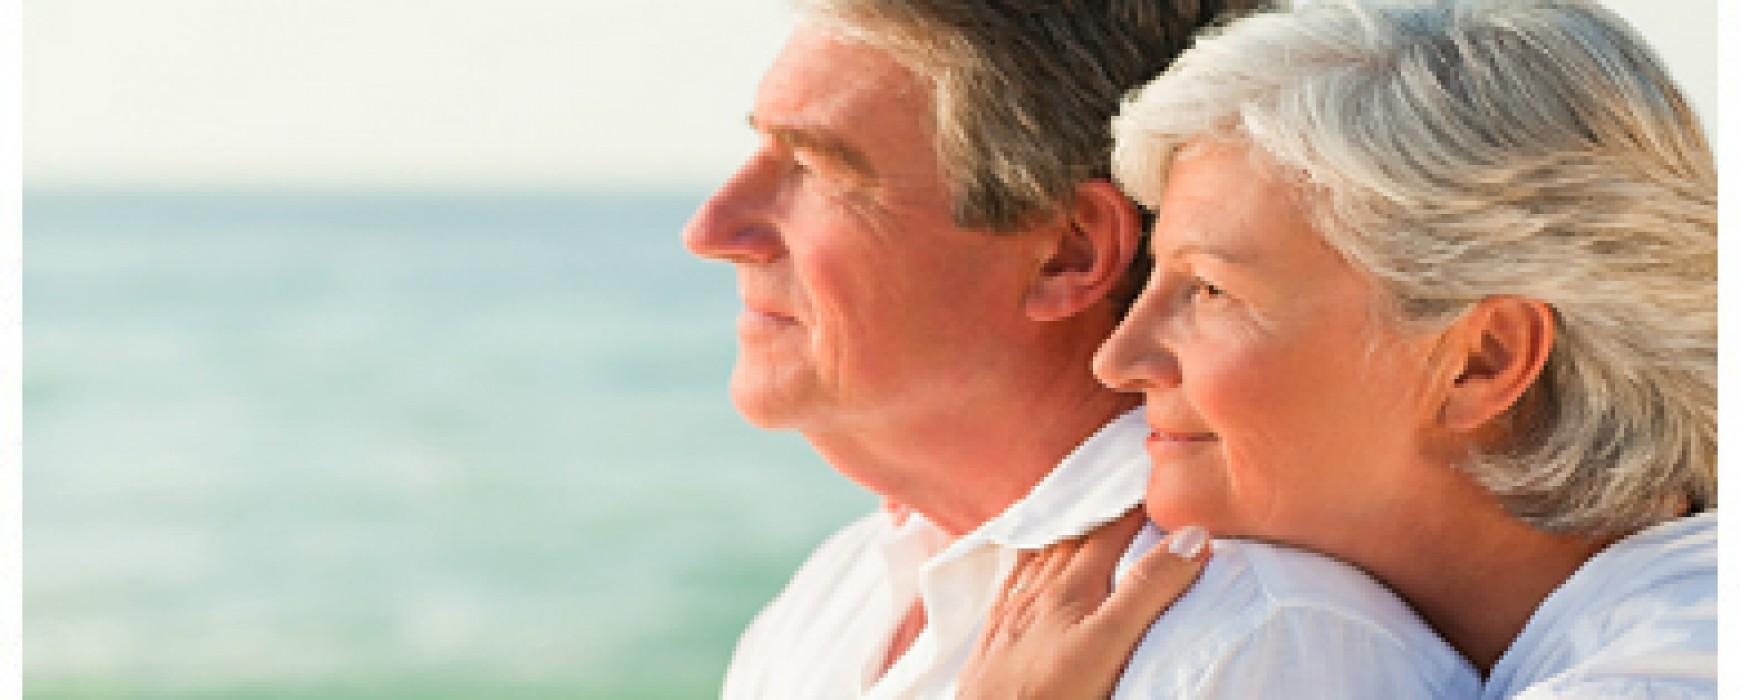 Dicas para manter uma relação saudável